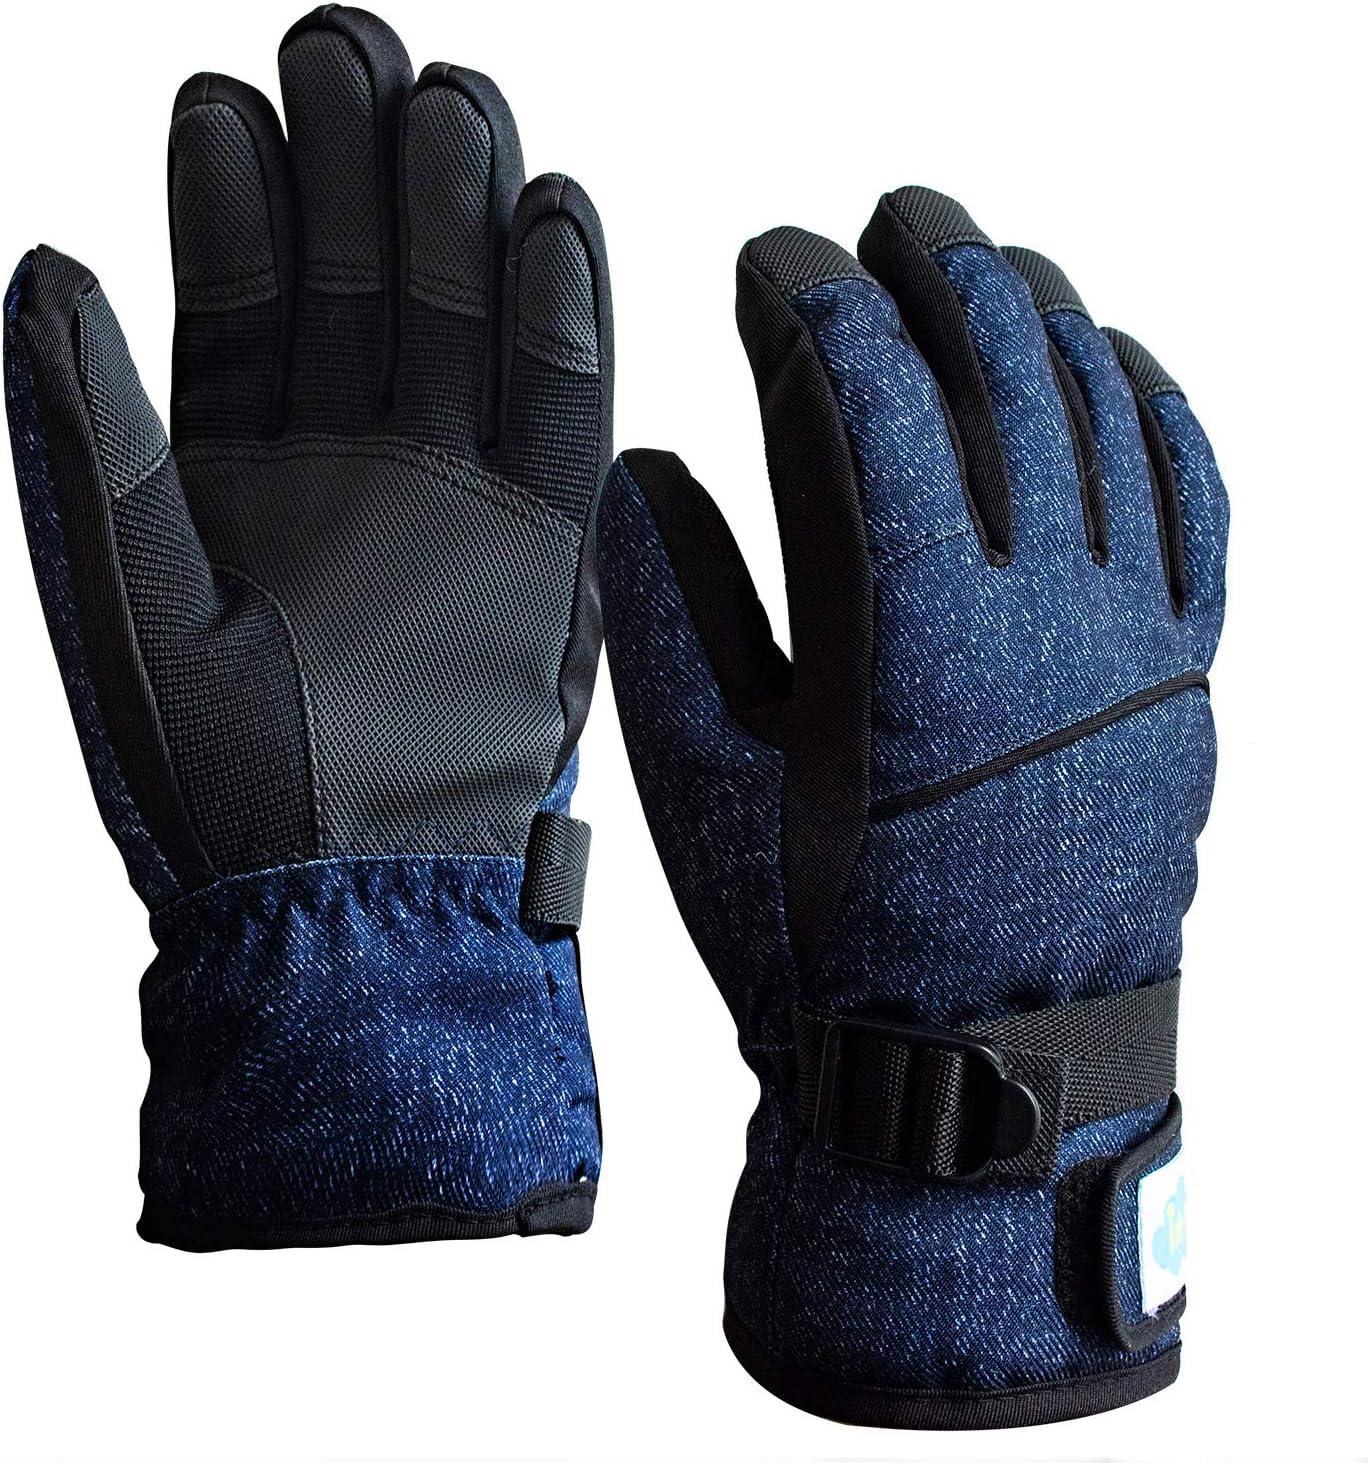 Heat Holders Kids Boys Girls Waterproof Warm Fleece Lined Insulated Winter Thermal Ski Gloves